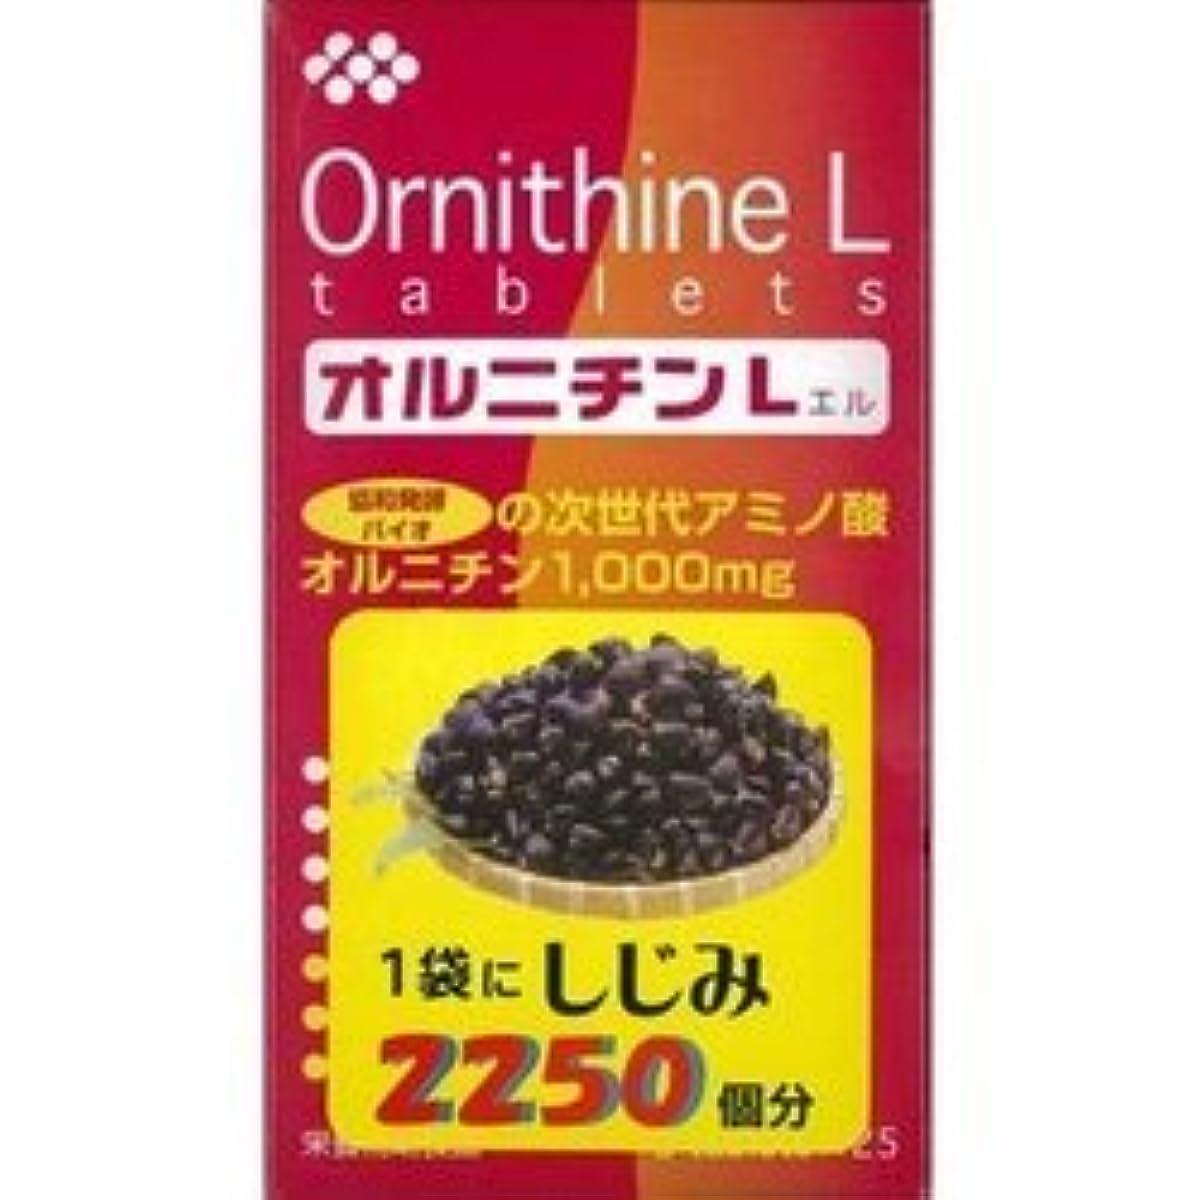 キャプテン散歩に行く試み〔協和発酵〕オルニチンL 5粒×25包入 2個セット